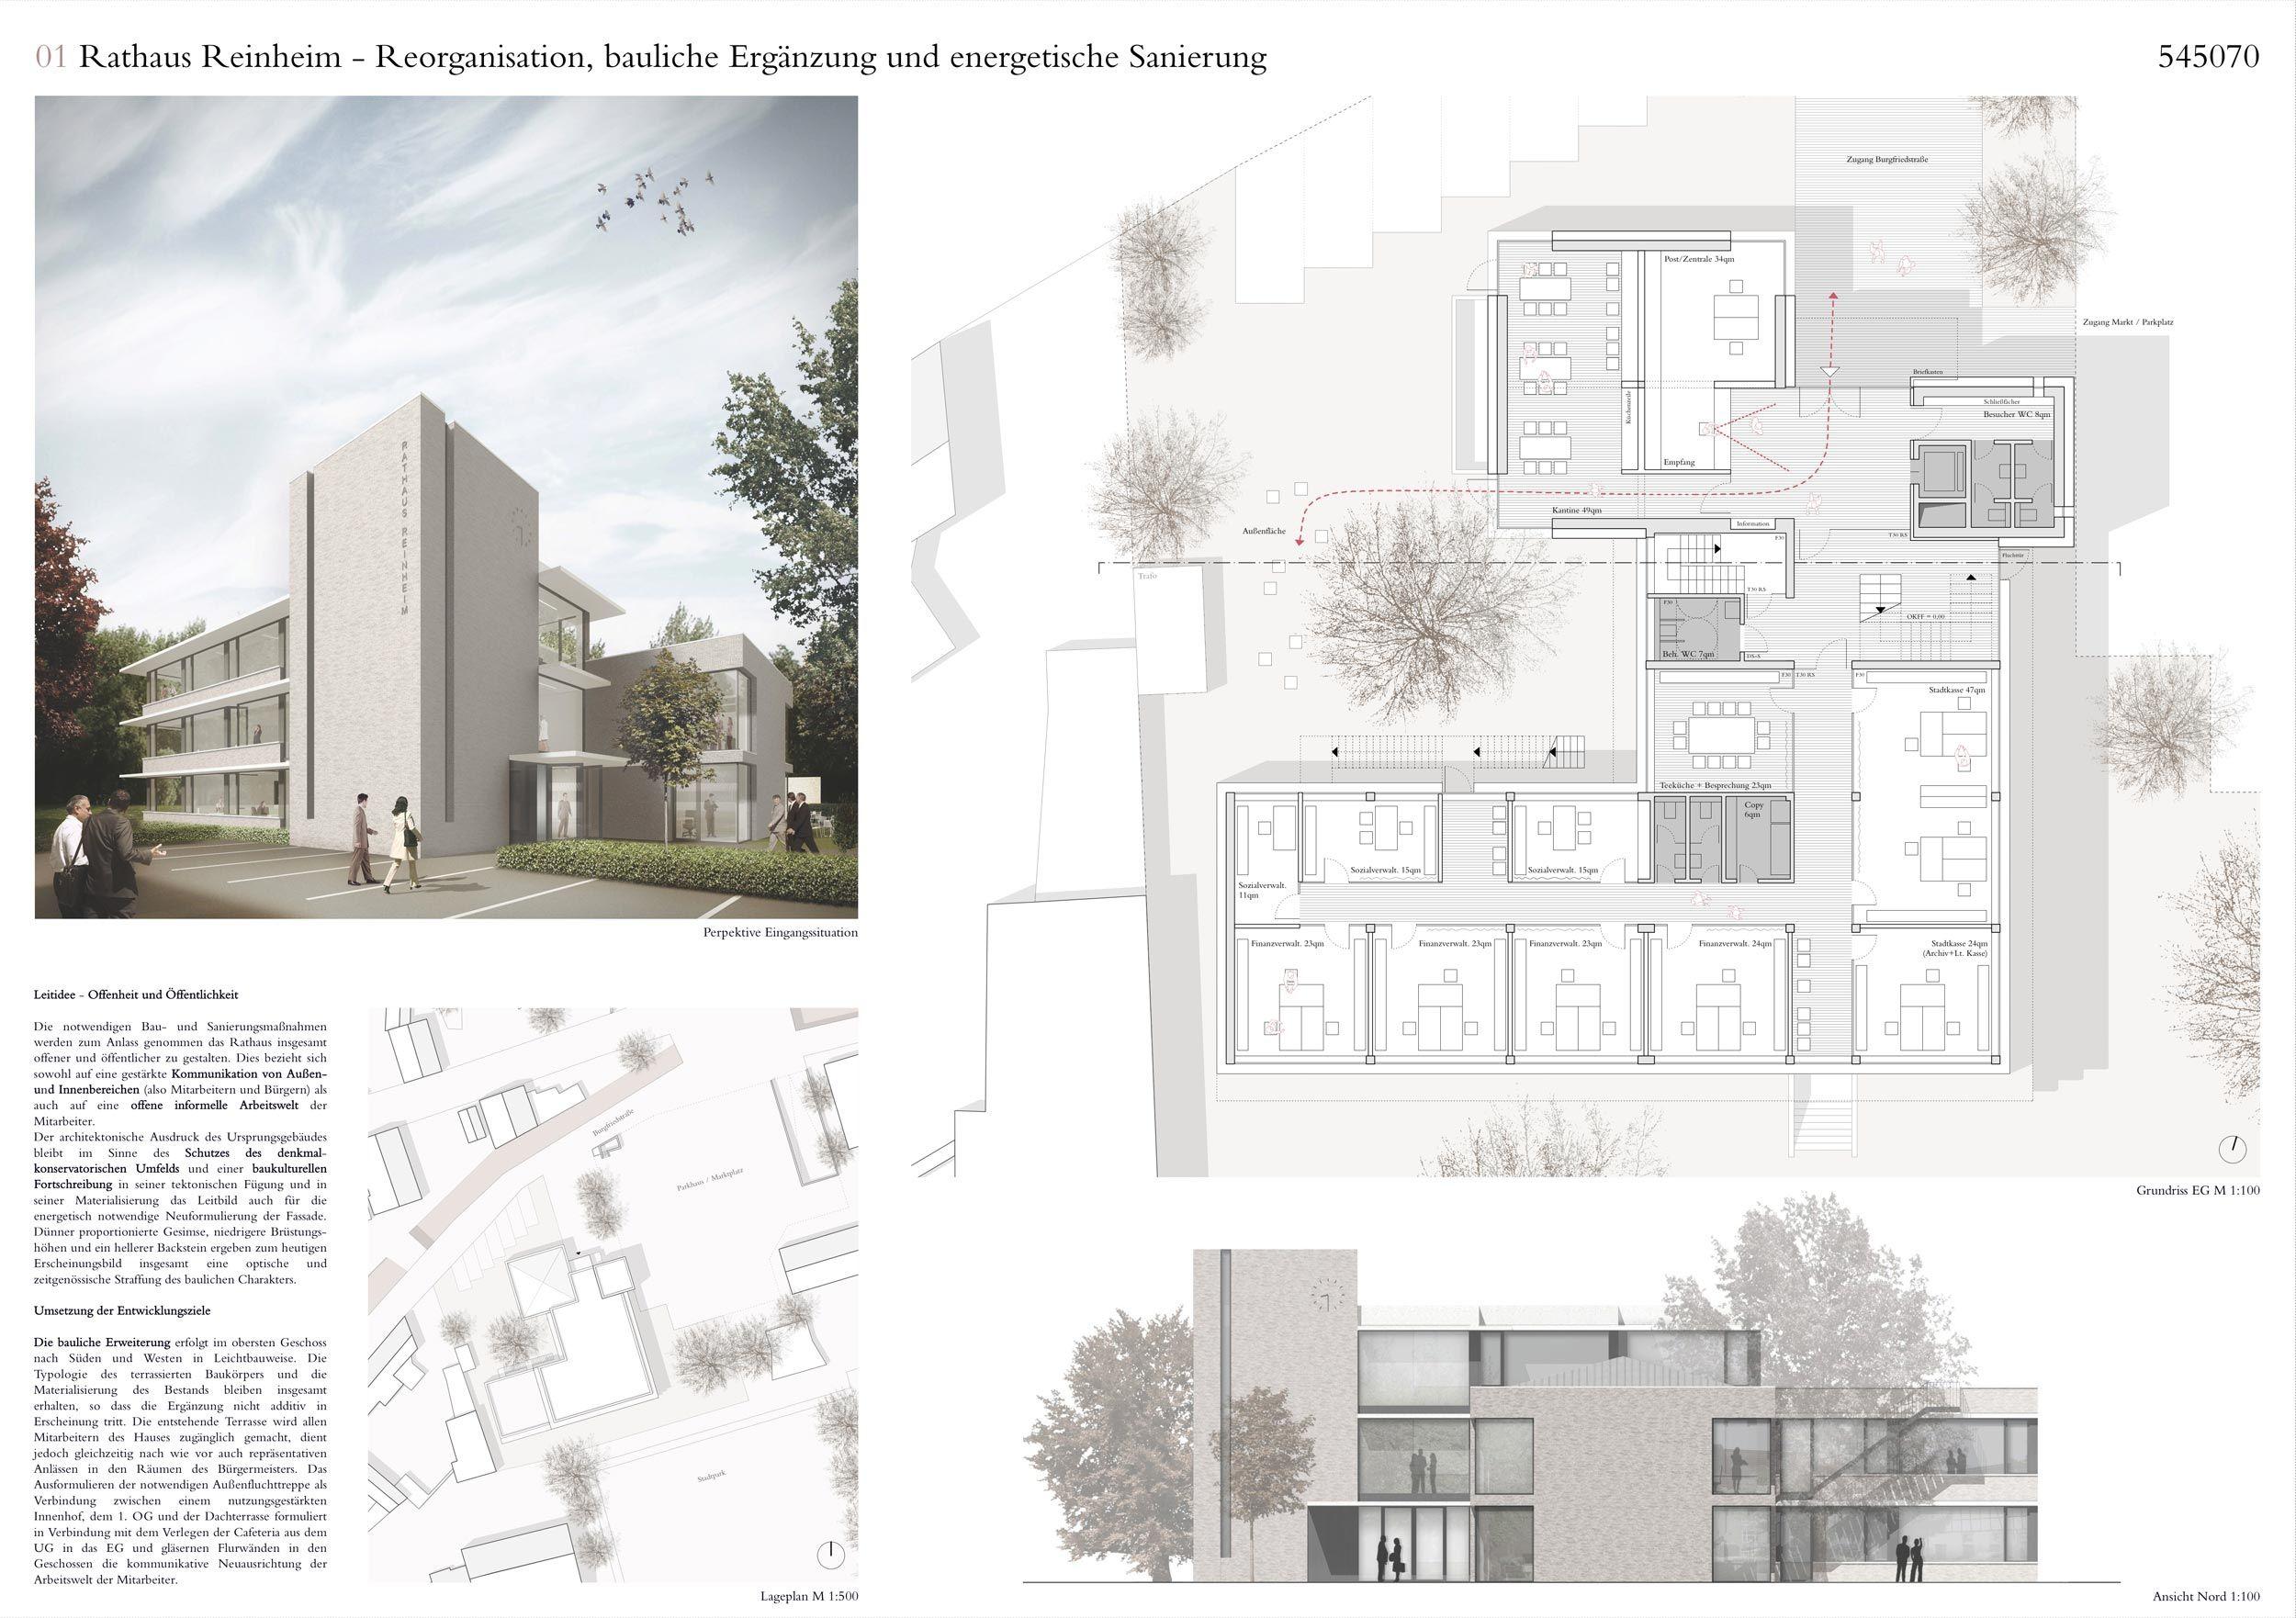 2 preis plan 01 gernot schulz architektur gmbh On architektur plan layout